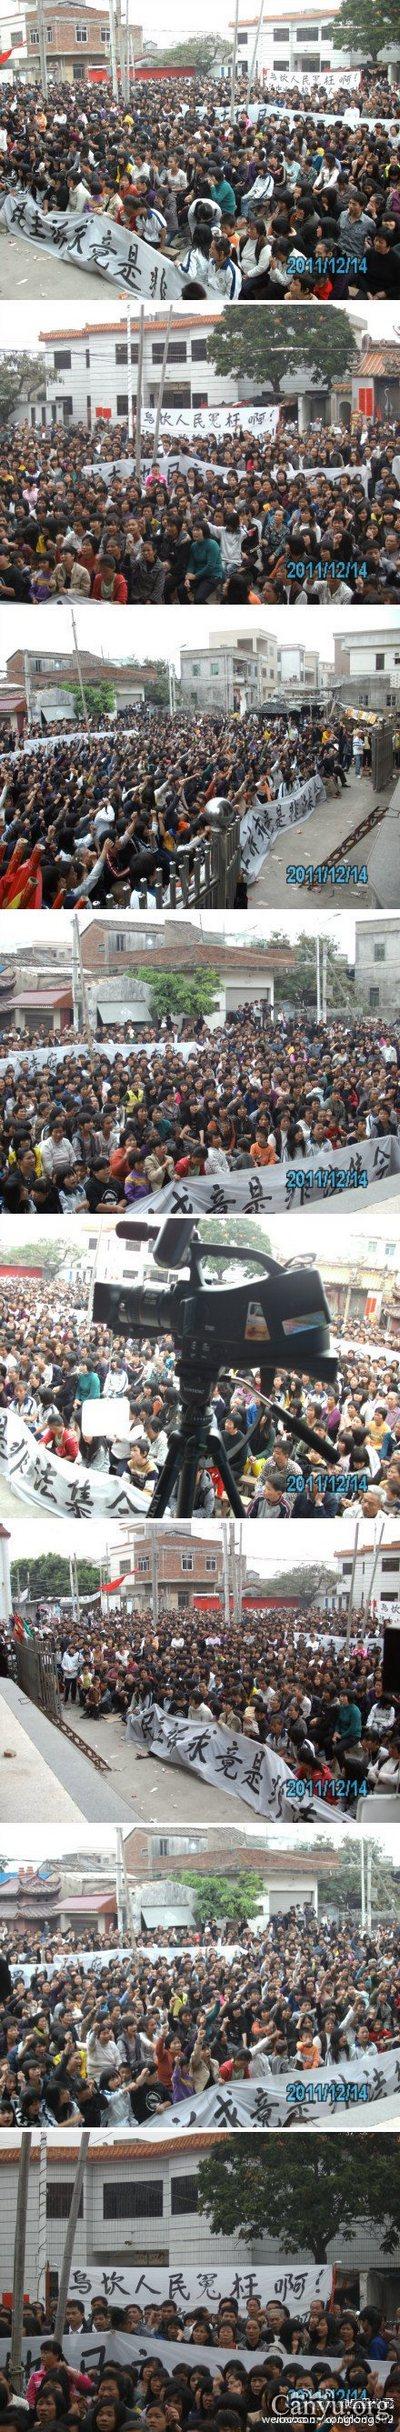 Митинг в мятежной деревне. Провинция Гуандун. Декабрь 2011 год. Фото с canyu.org